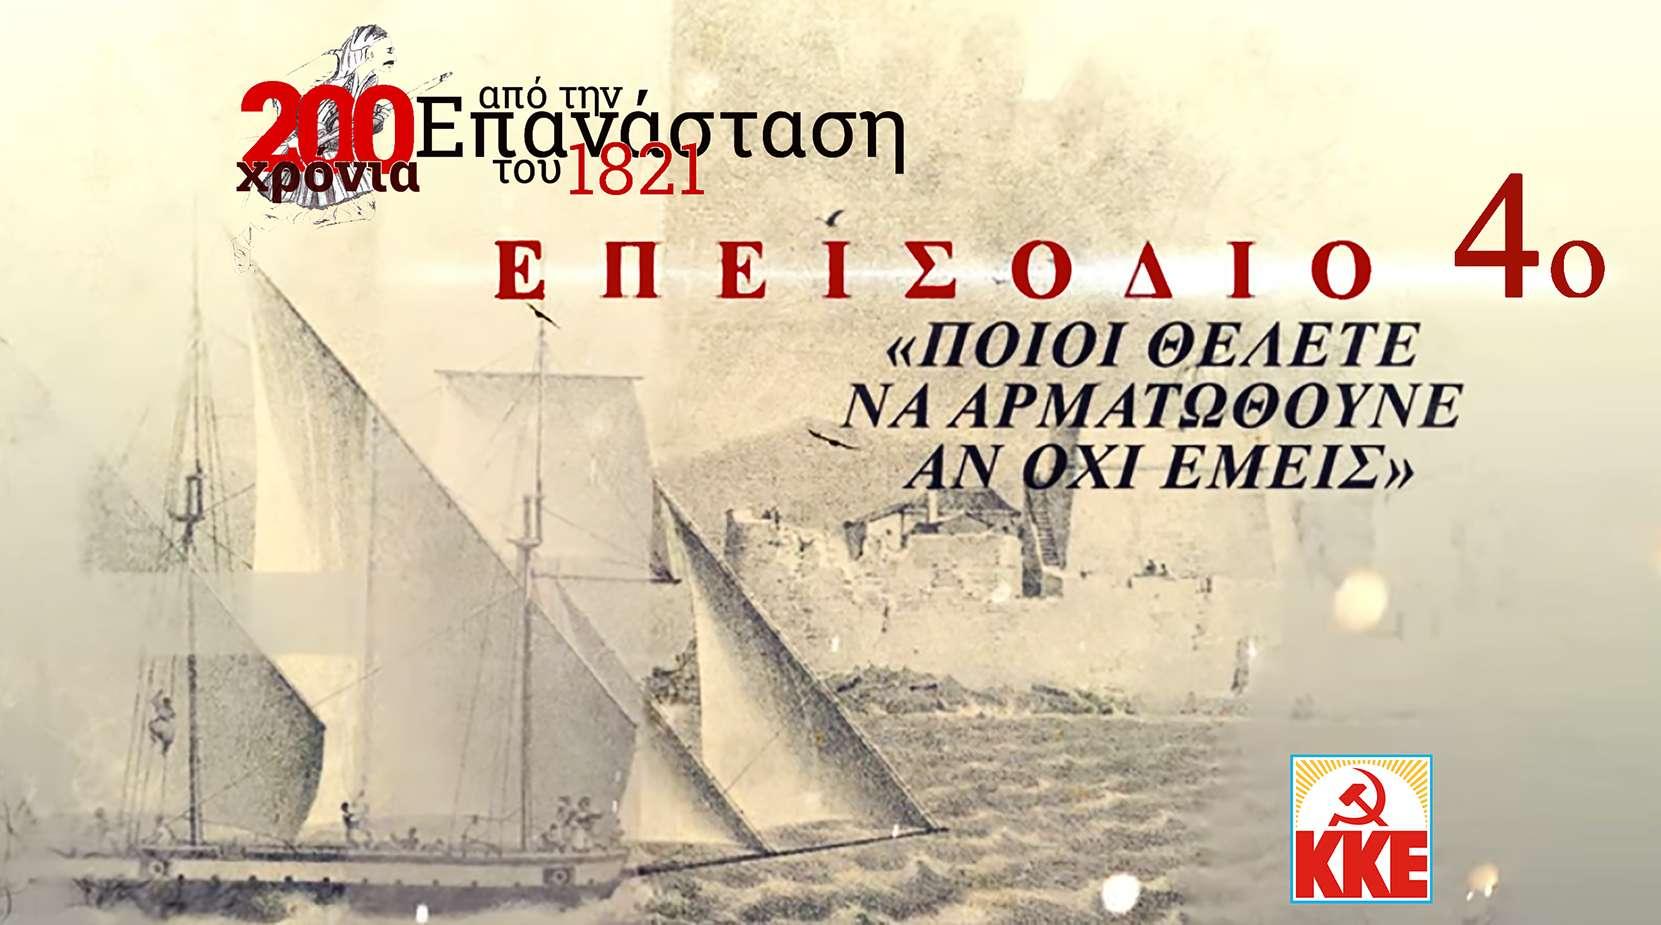 200 Χρόνια Επανάσταση 1821 epanastash 1821 ΚΕ ΚΚΕ 4